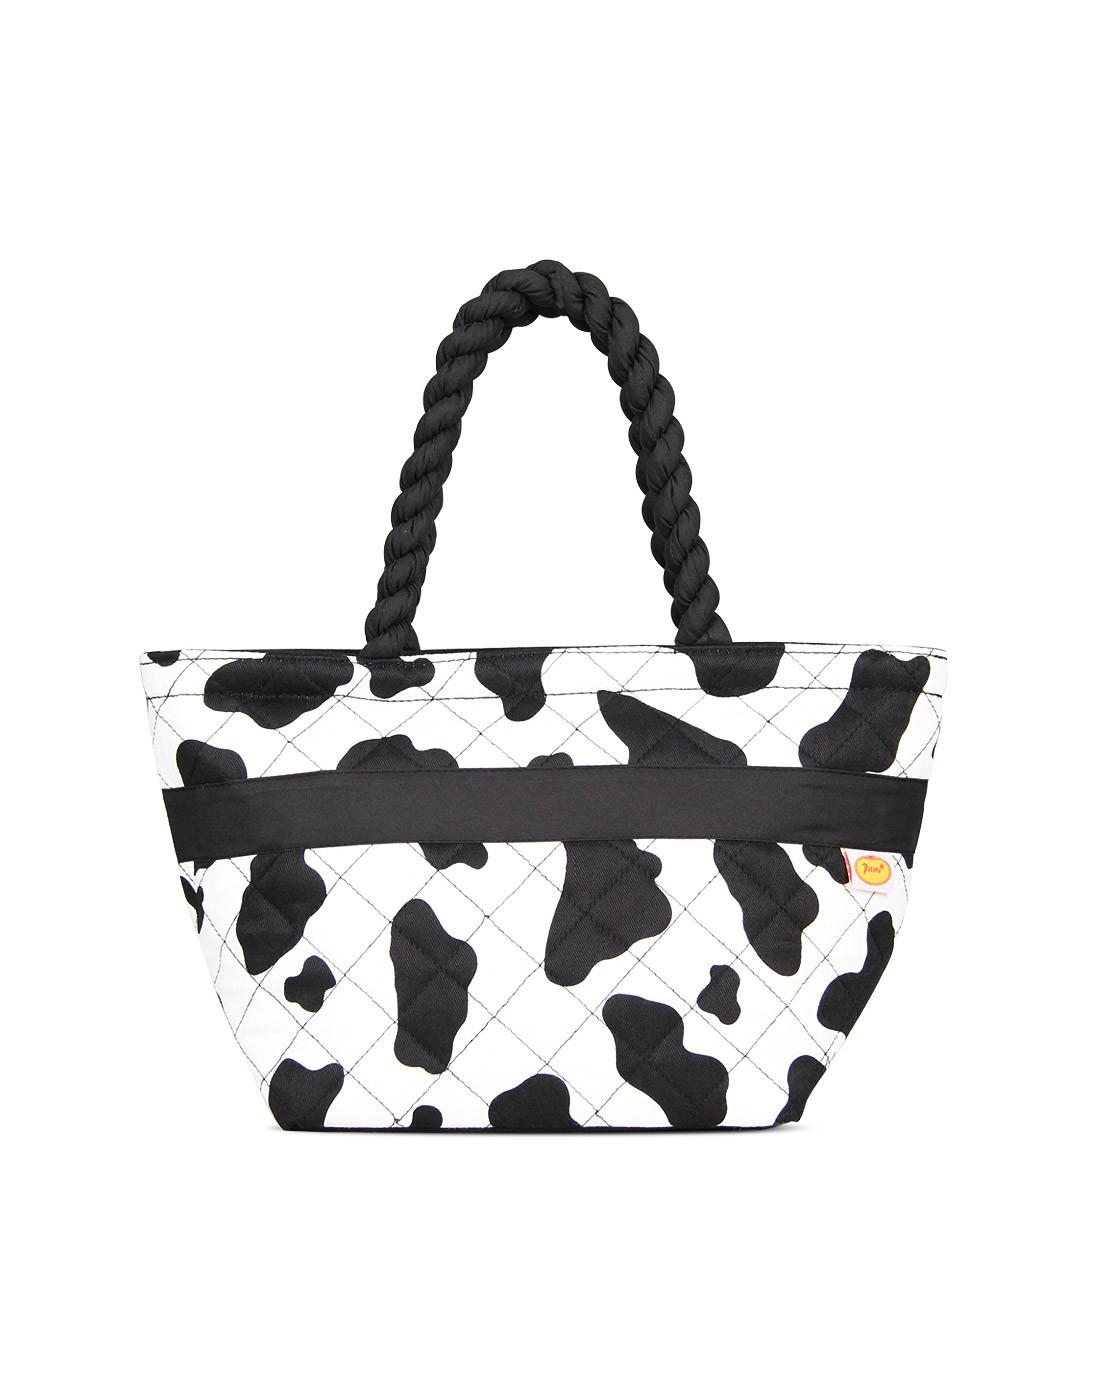 包 包包 挎包手袋 女包 设计 矢量 矢量图 手提包 素材 1100_1390 竖